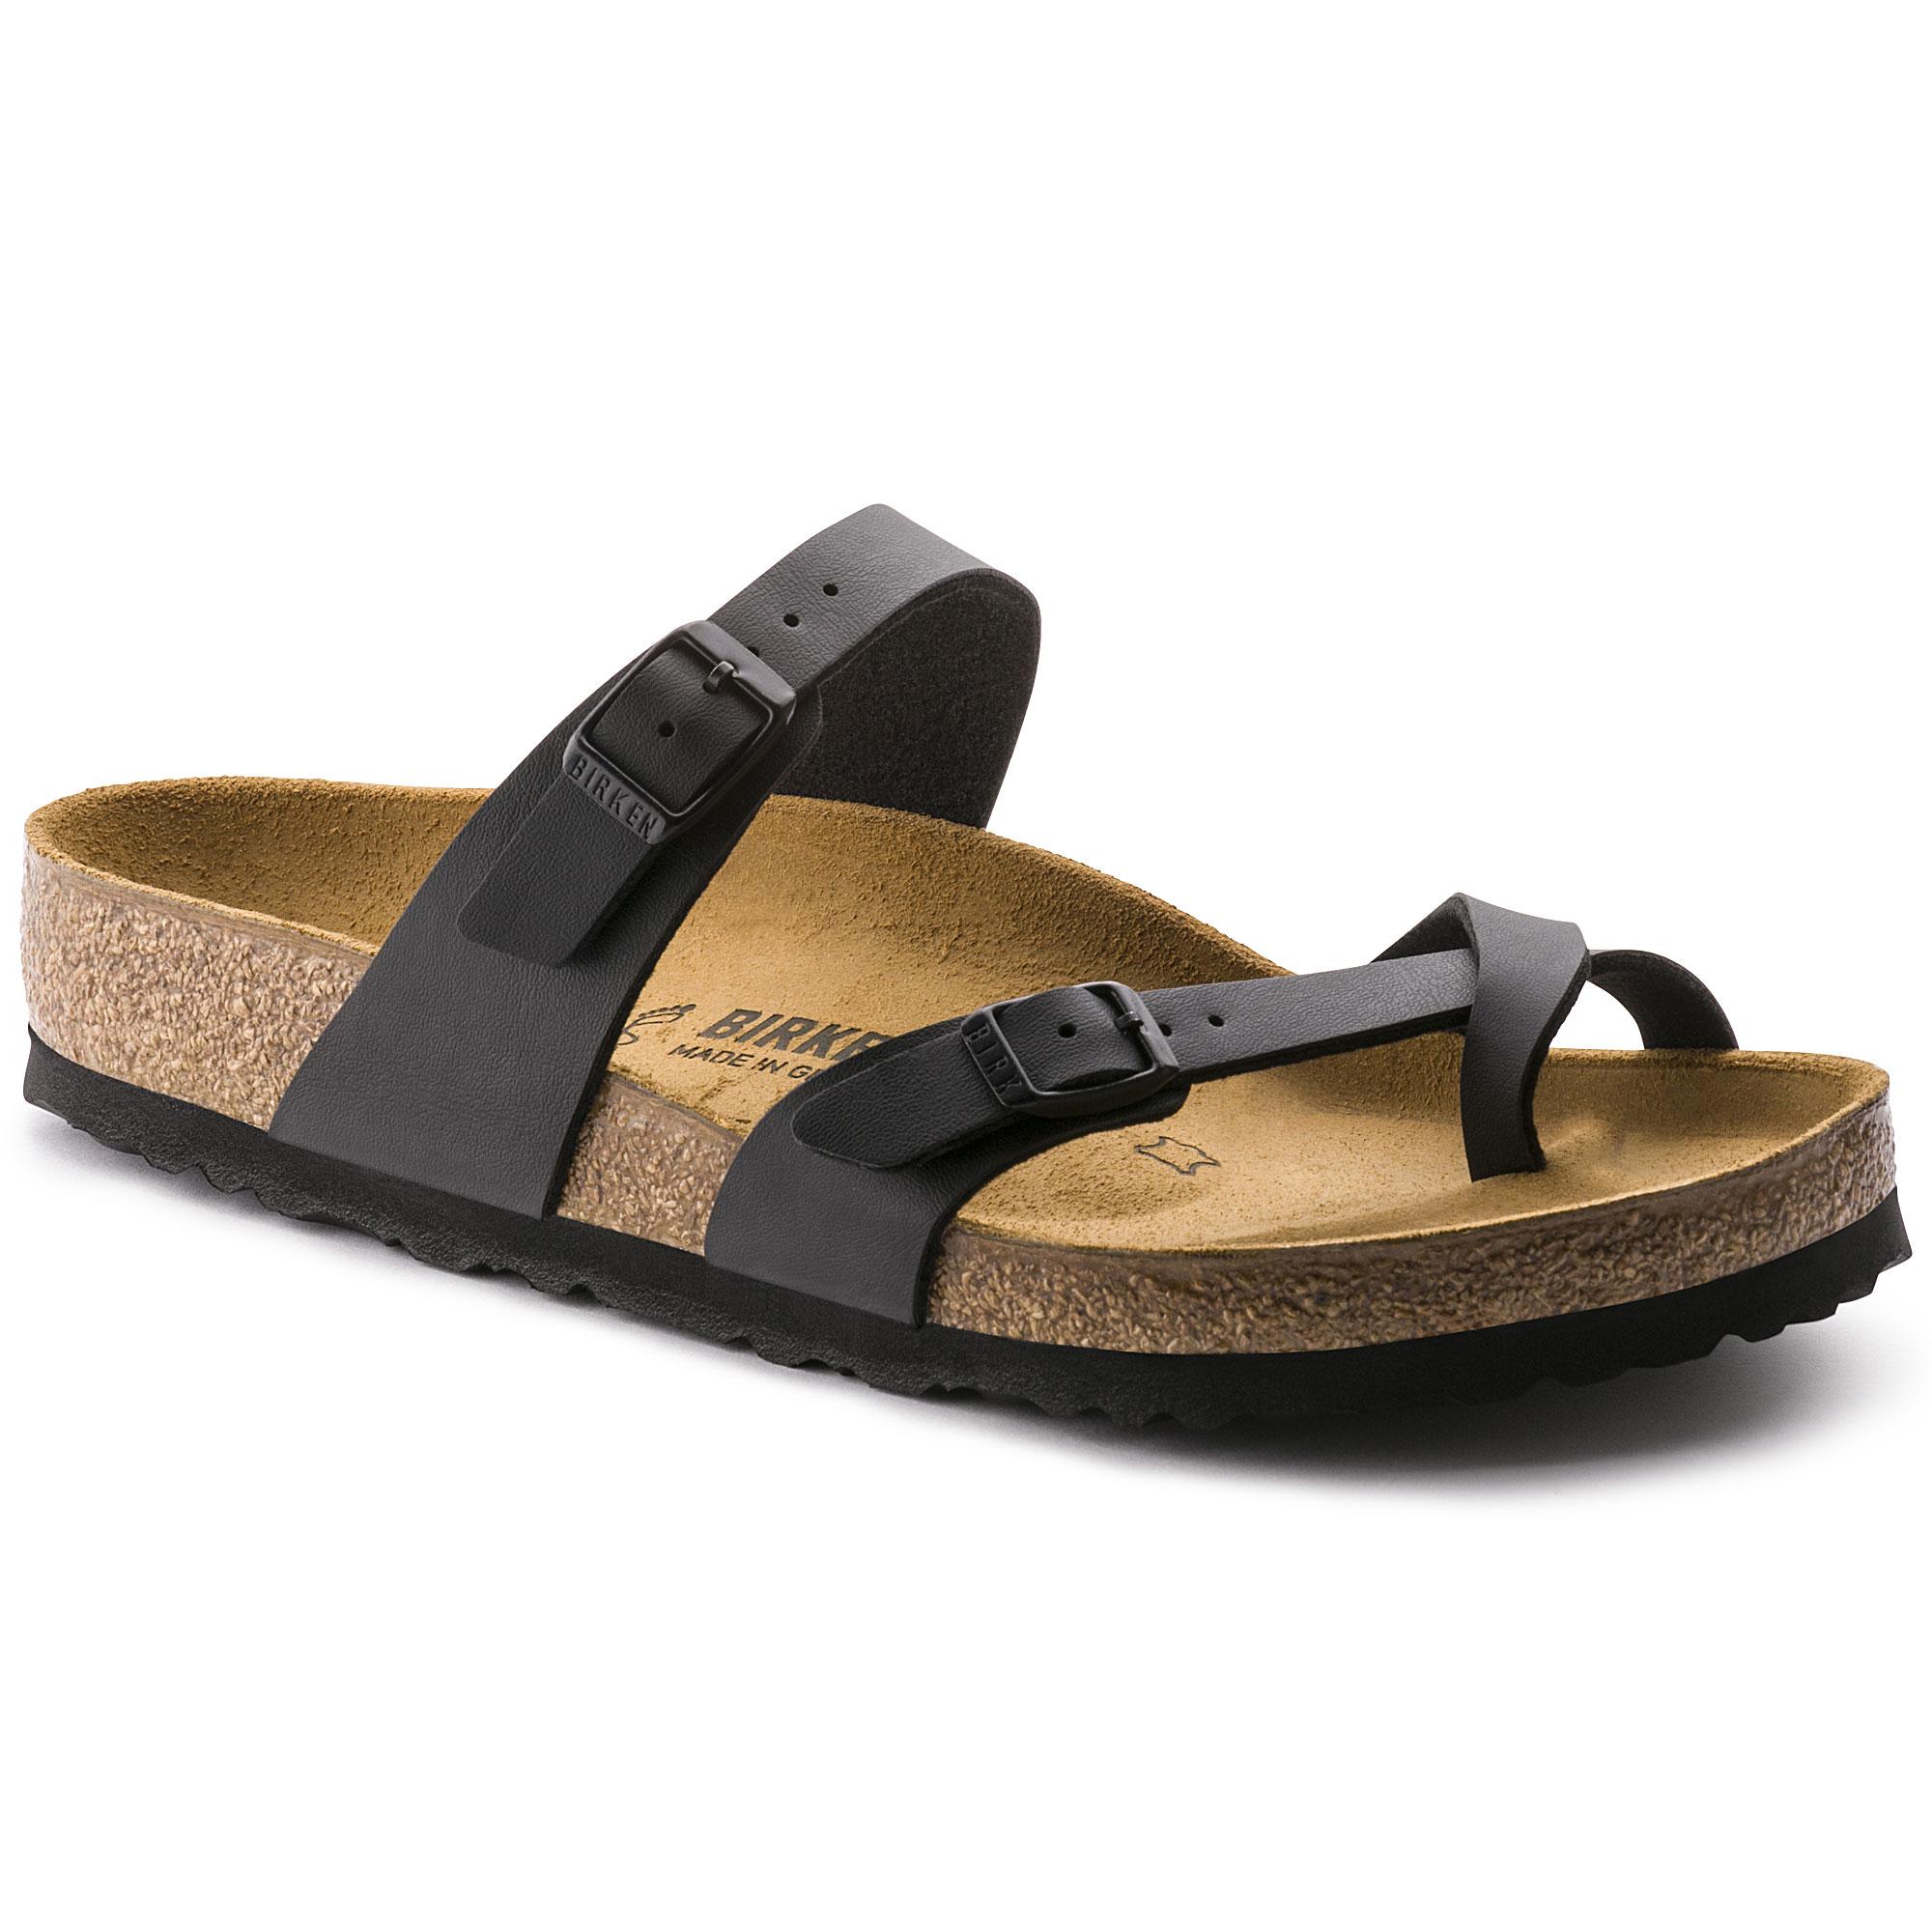 Birkenstock Mayari, Flip Flops Sandals , Black Schwarz